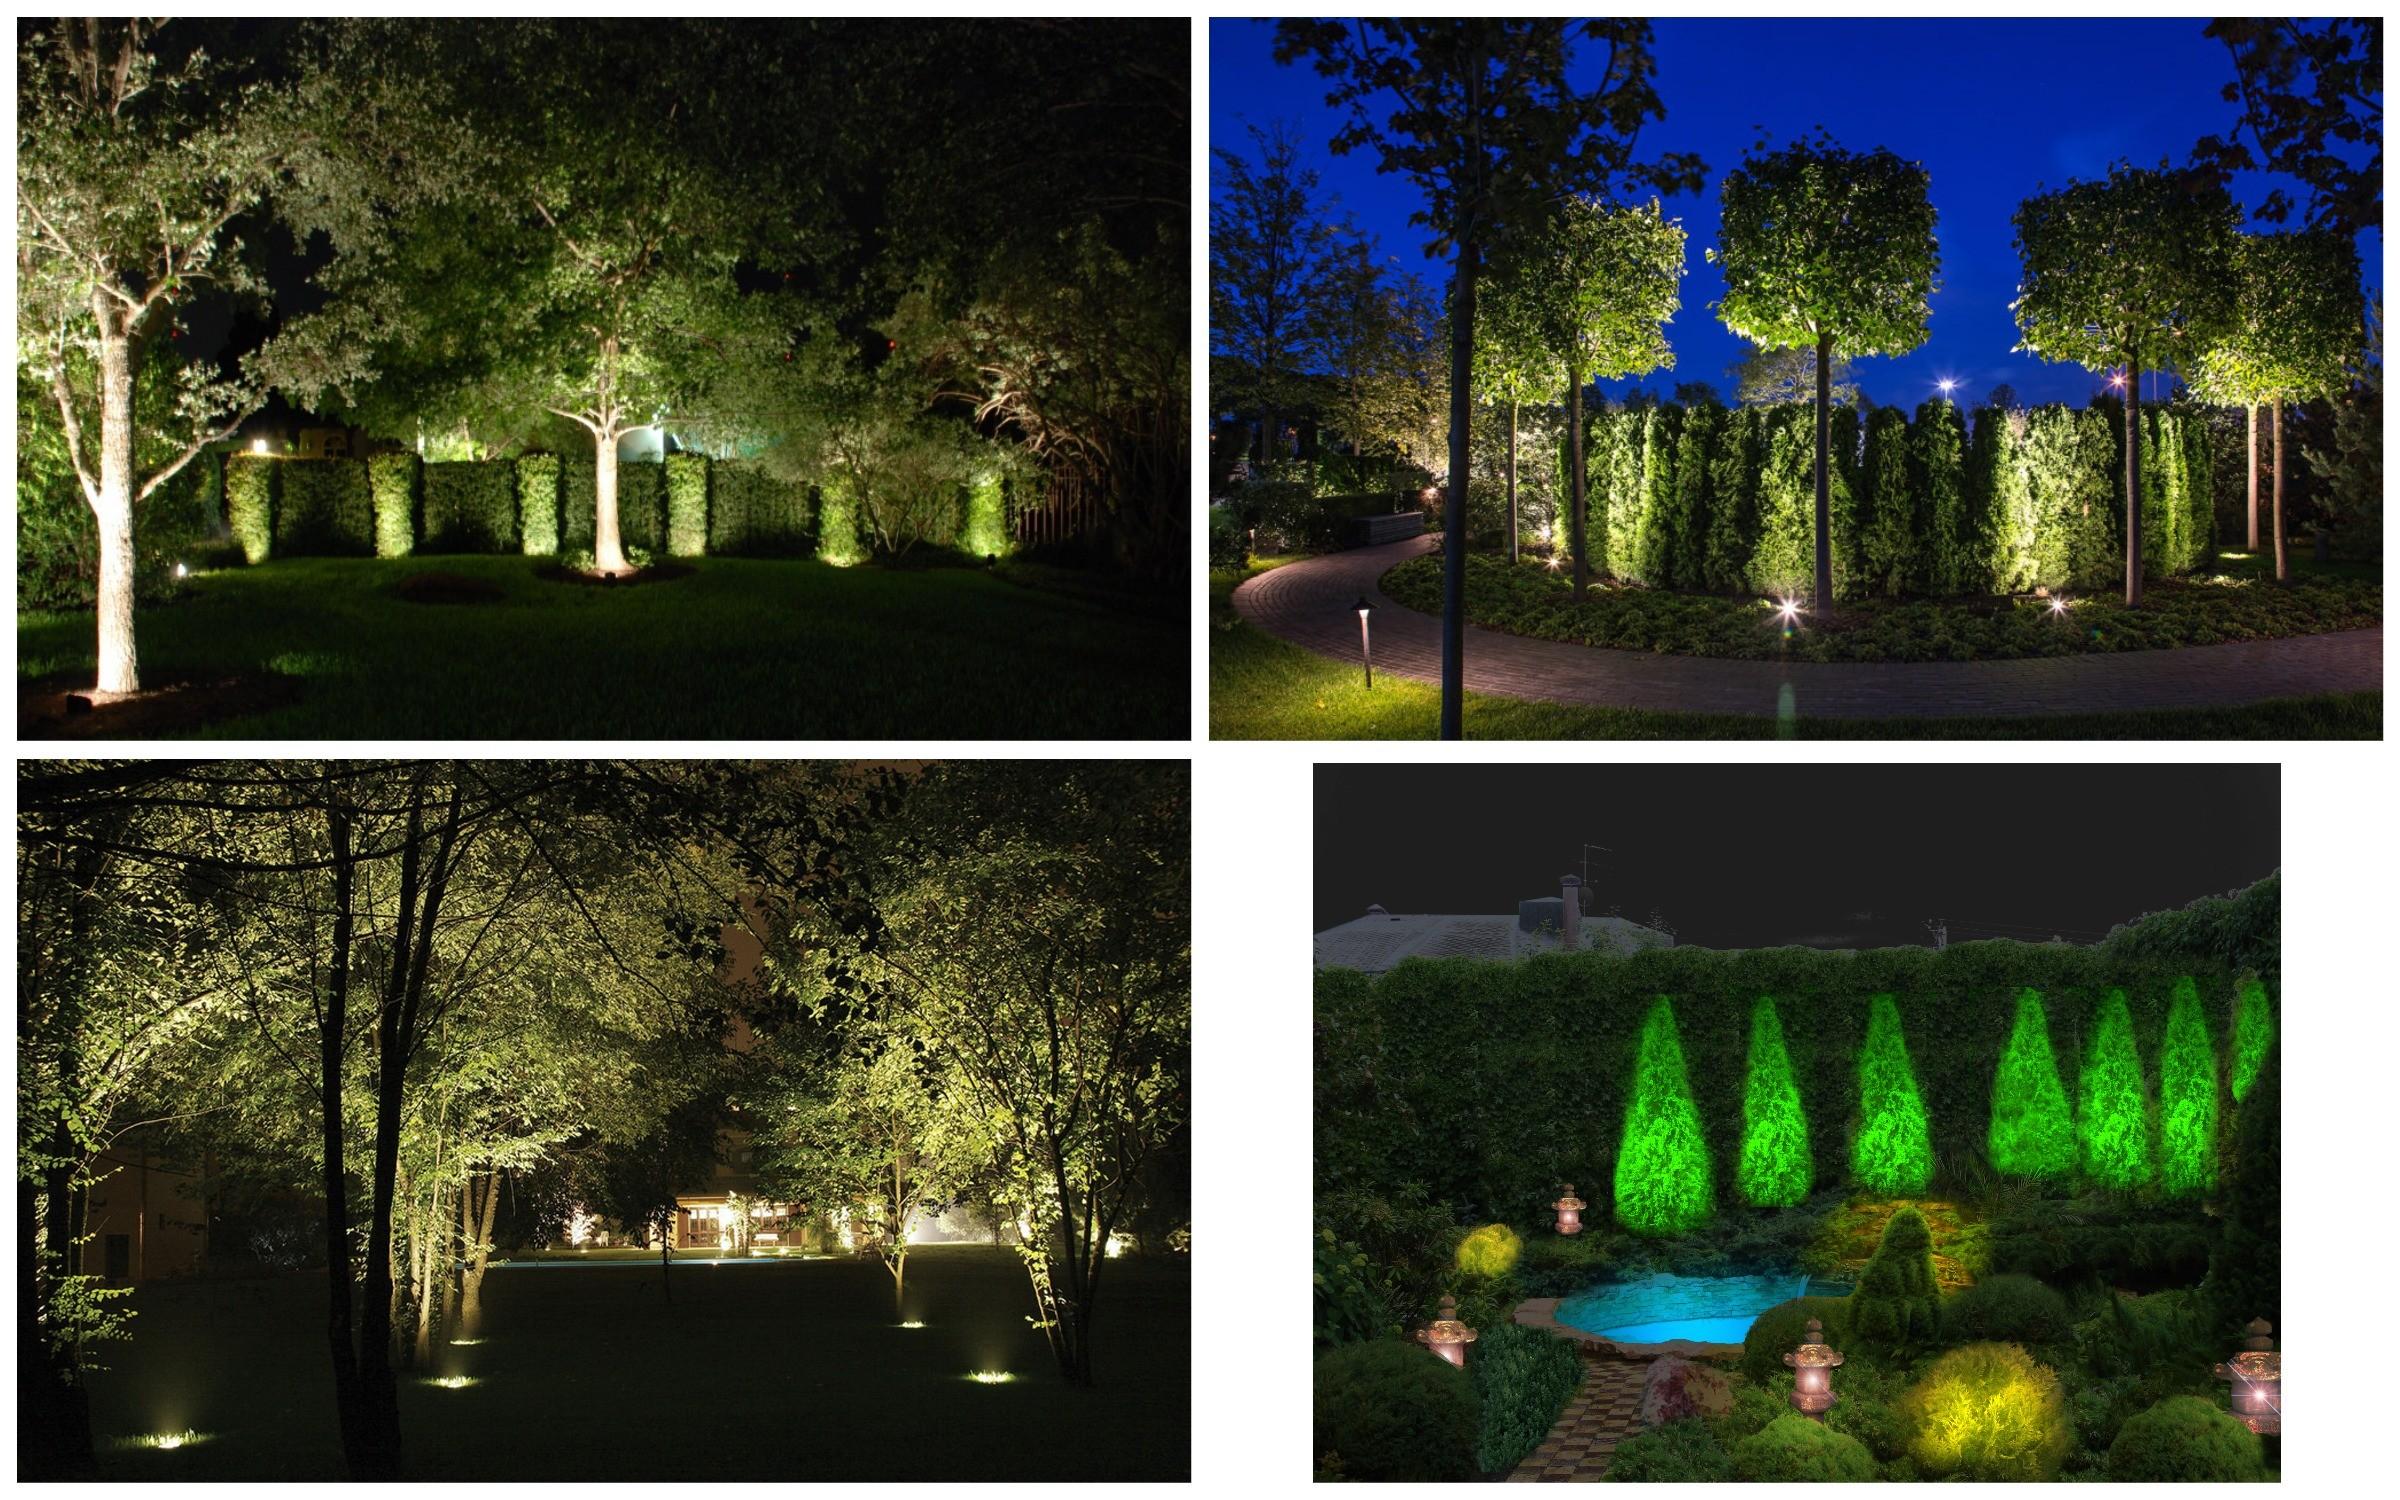 изображение подсветки деревьев